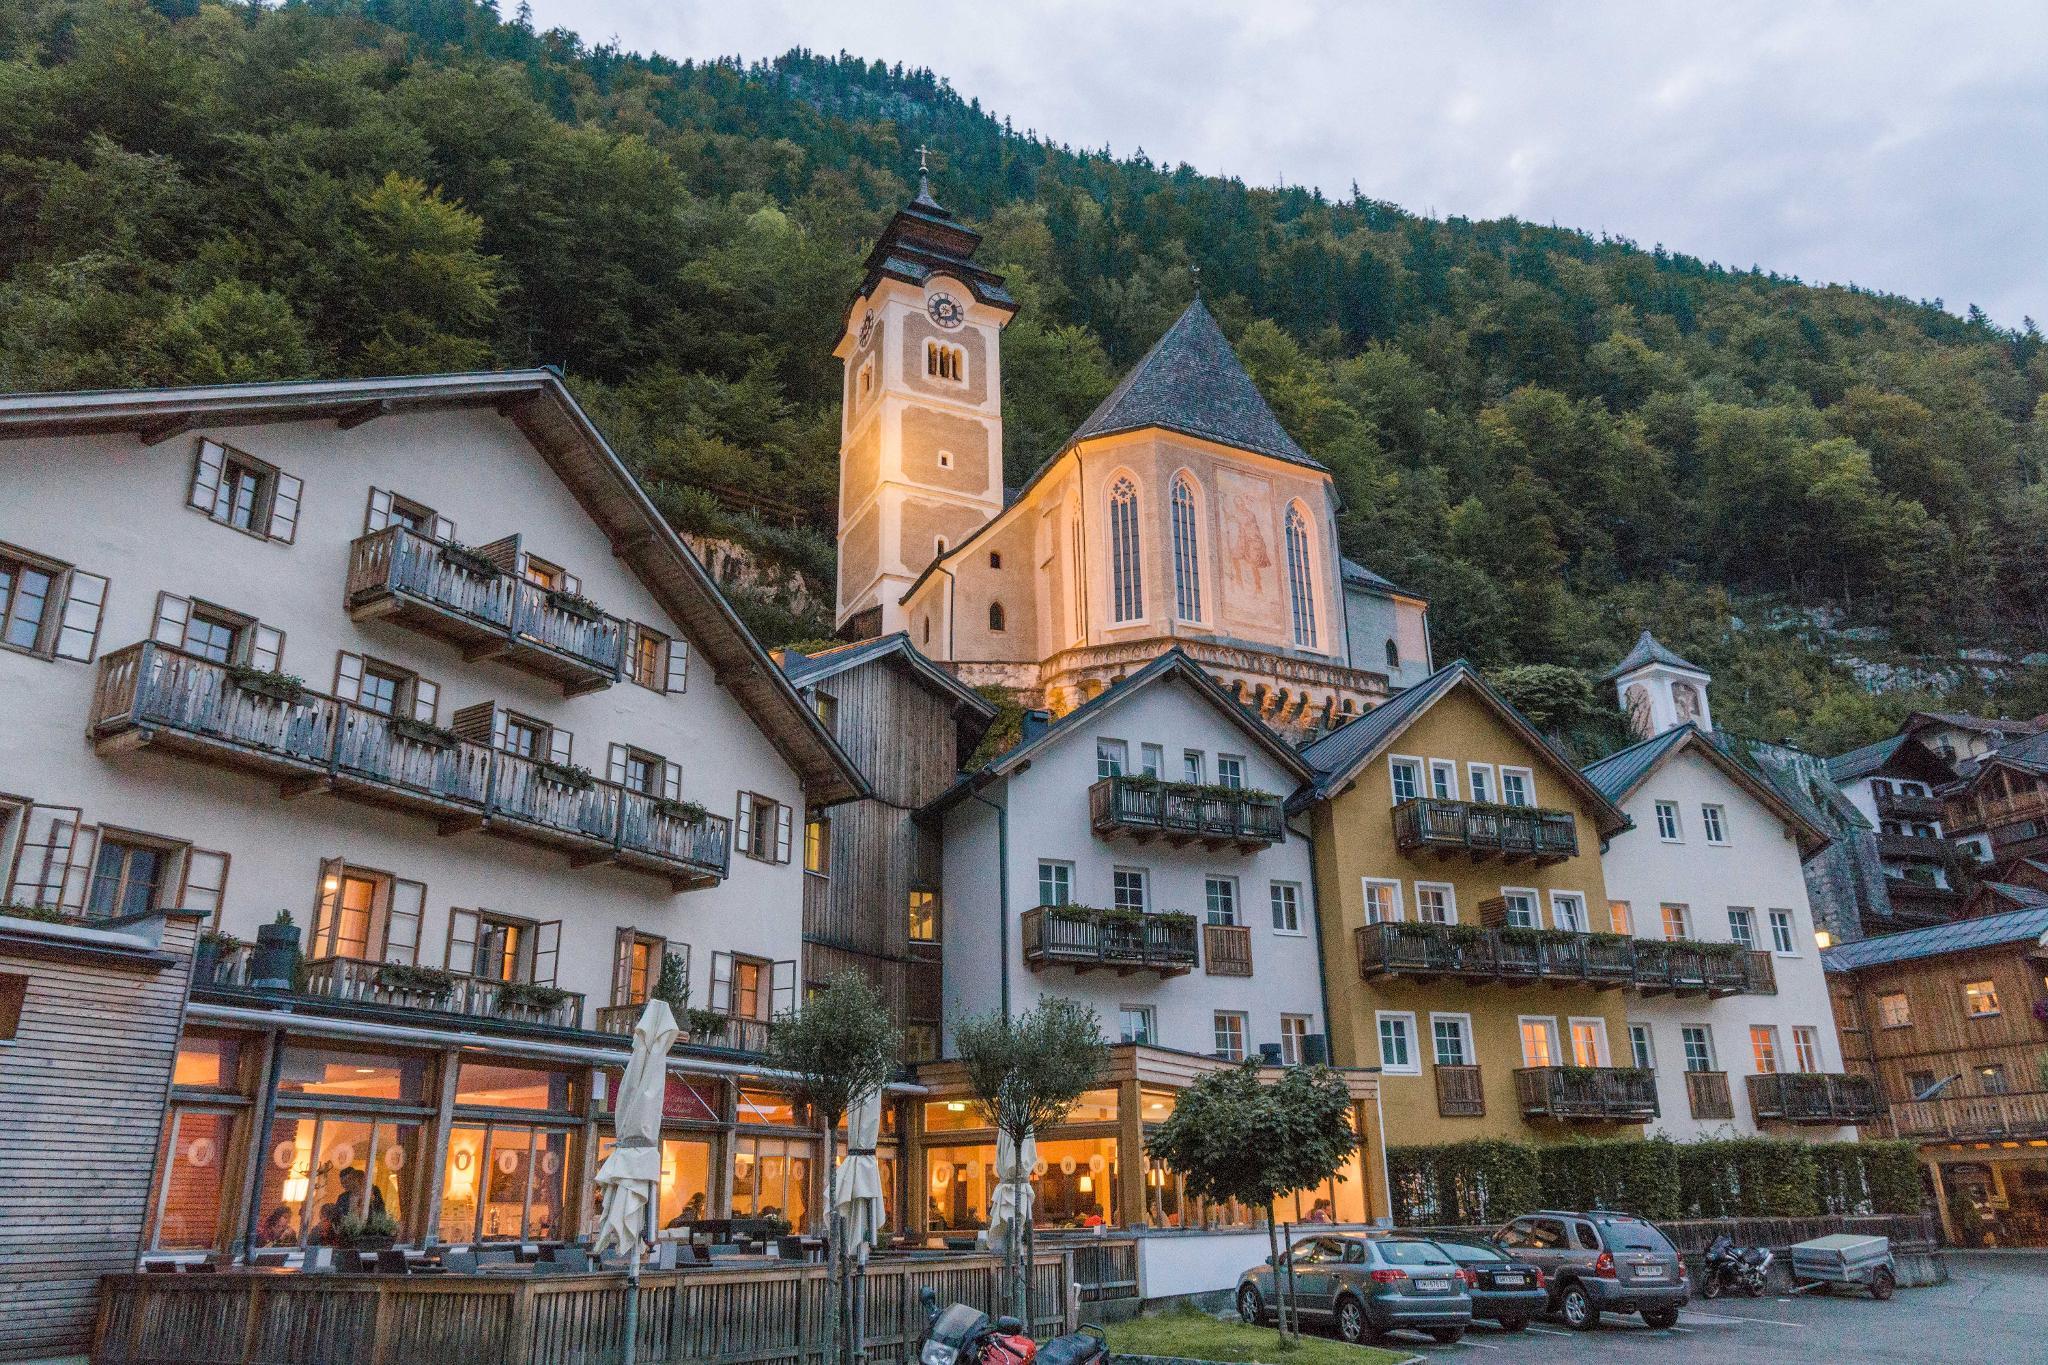 【奧地利】童話仙境 Hallstatt 哈修塔特 — 追逐世界遺產小鎮的夢幻黃金日出 44